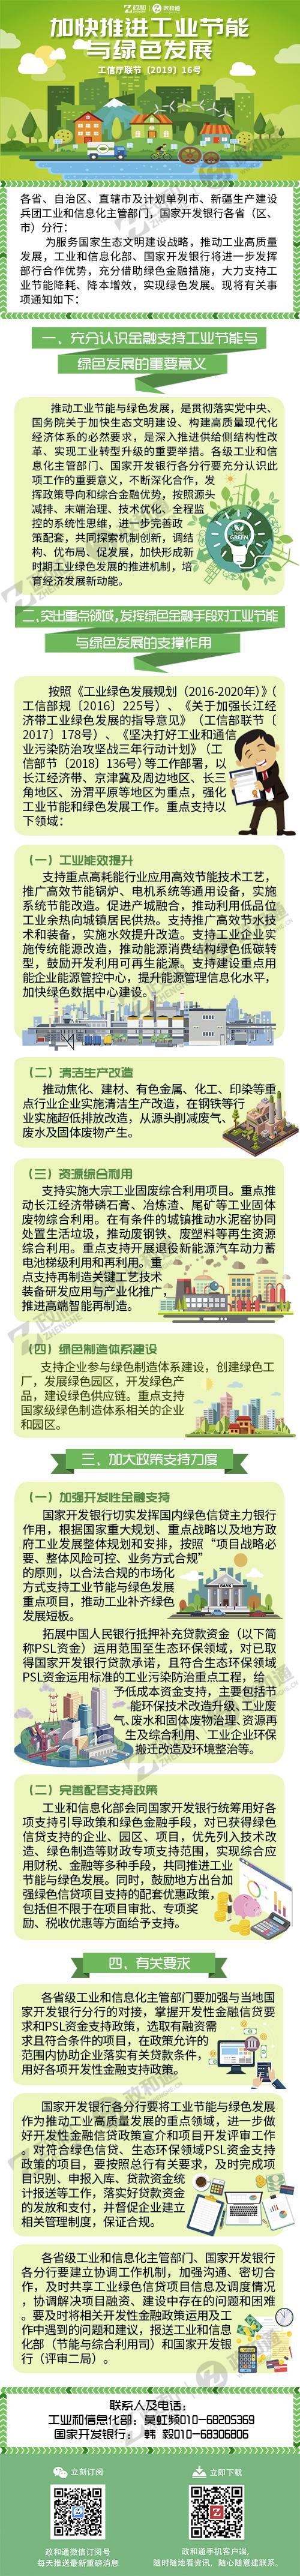 政和通 工信部辦公廳、國家開發銀行辦公廳發布加快推進工業節能與綠色發展的通知.jpg